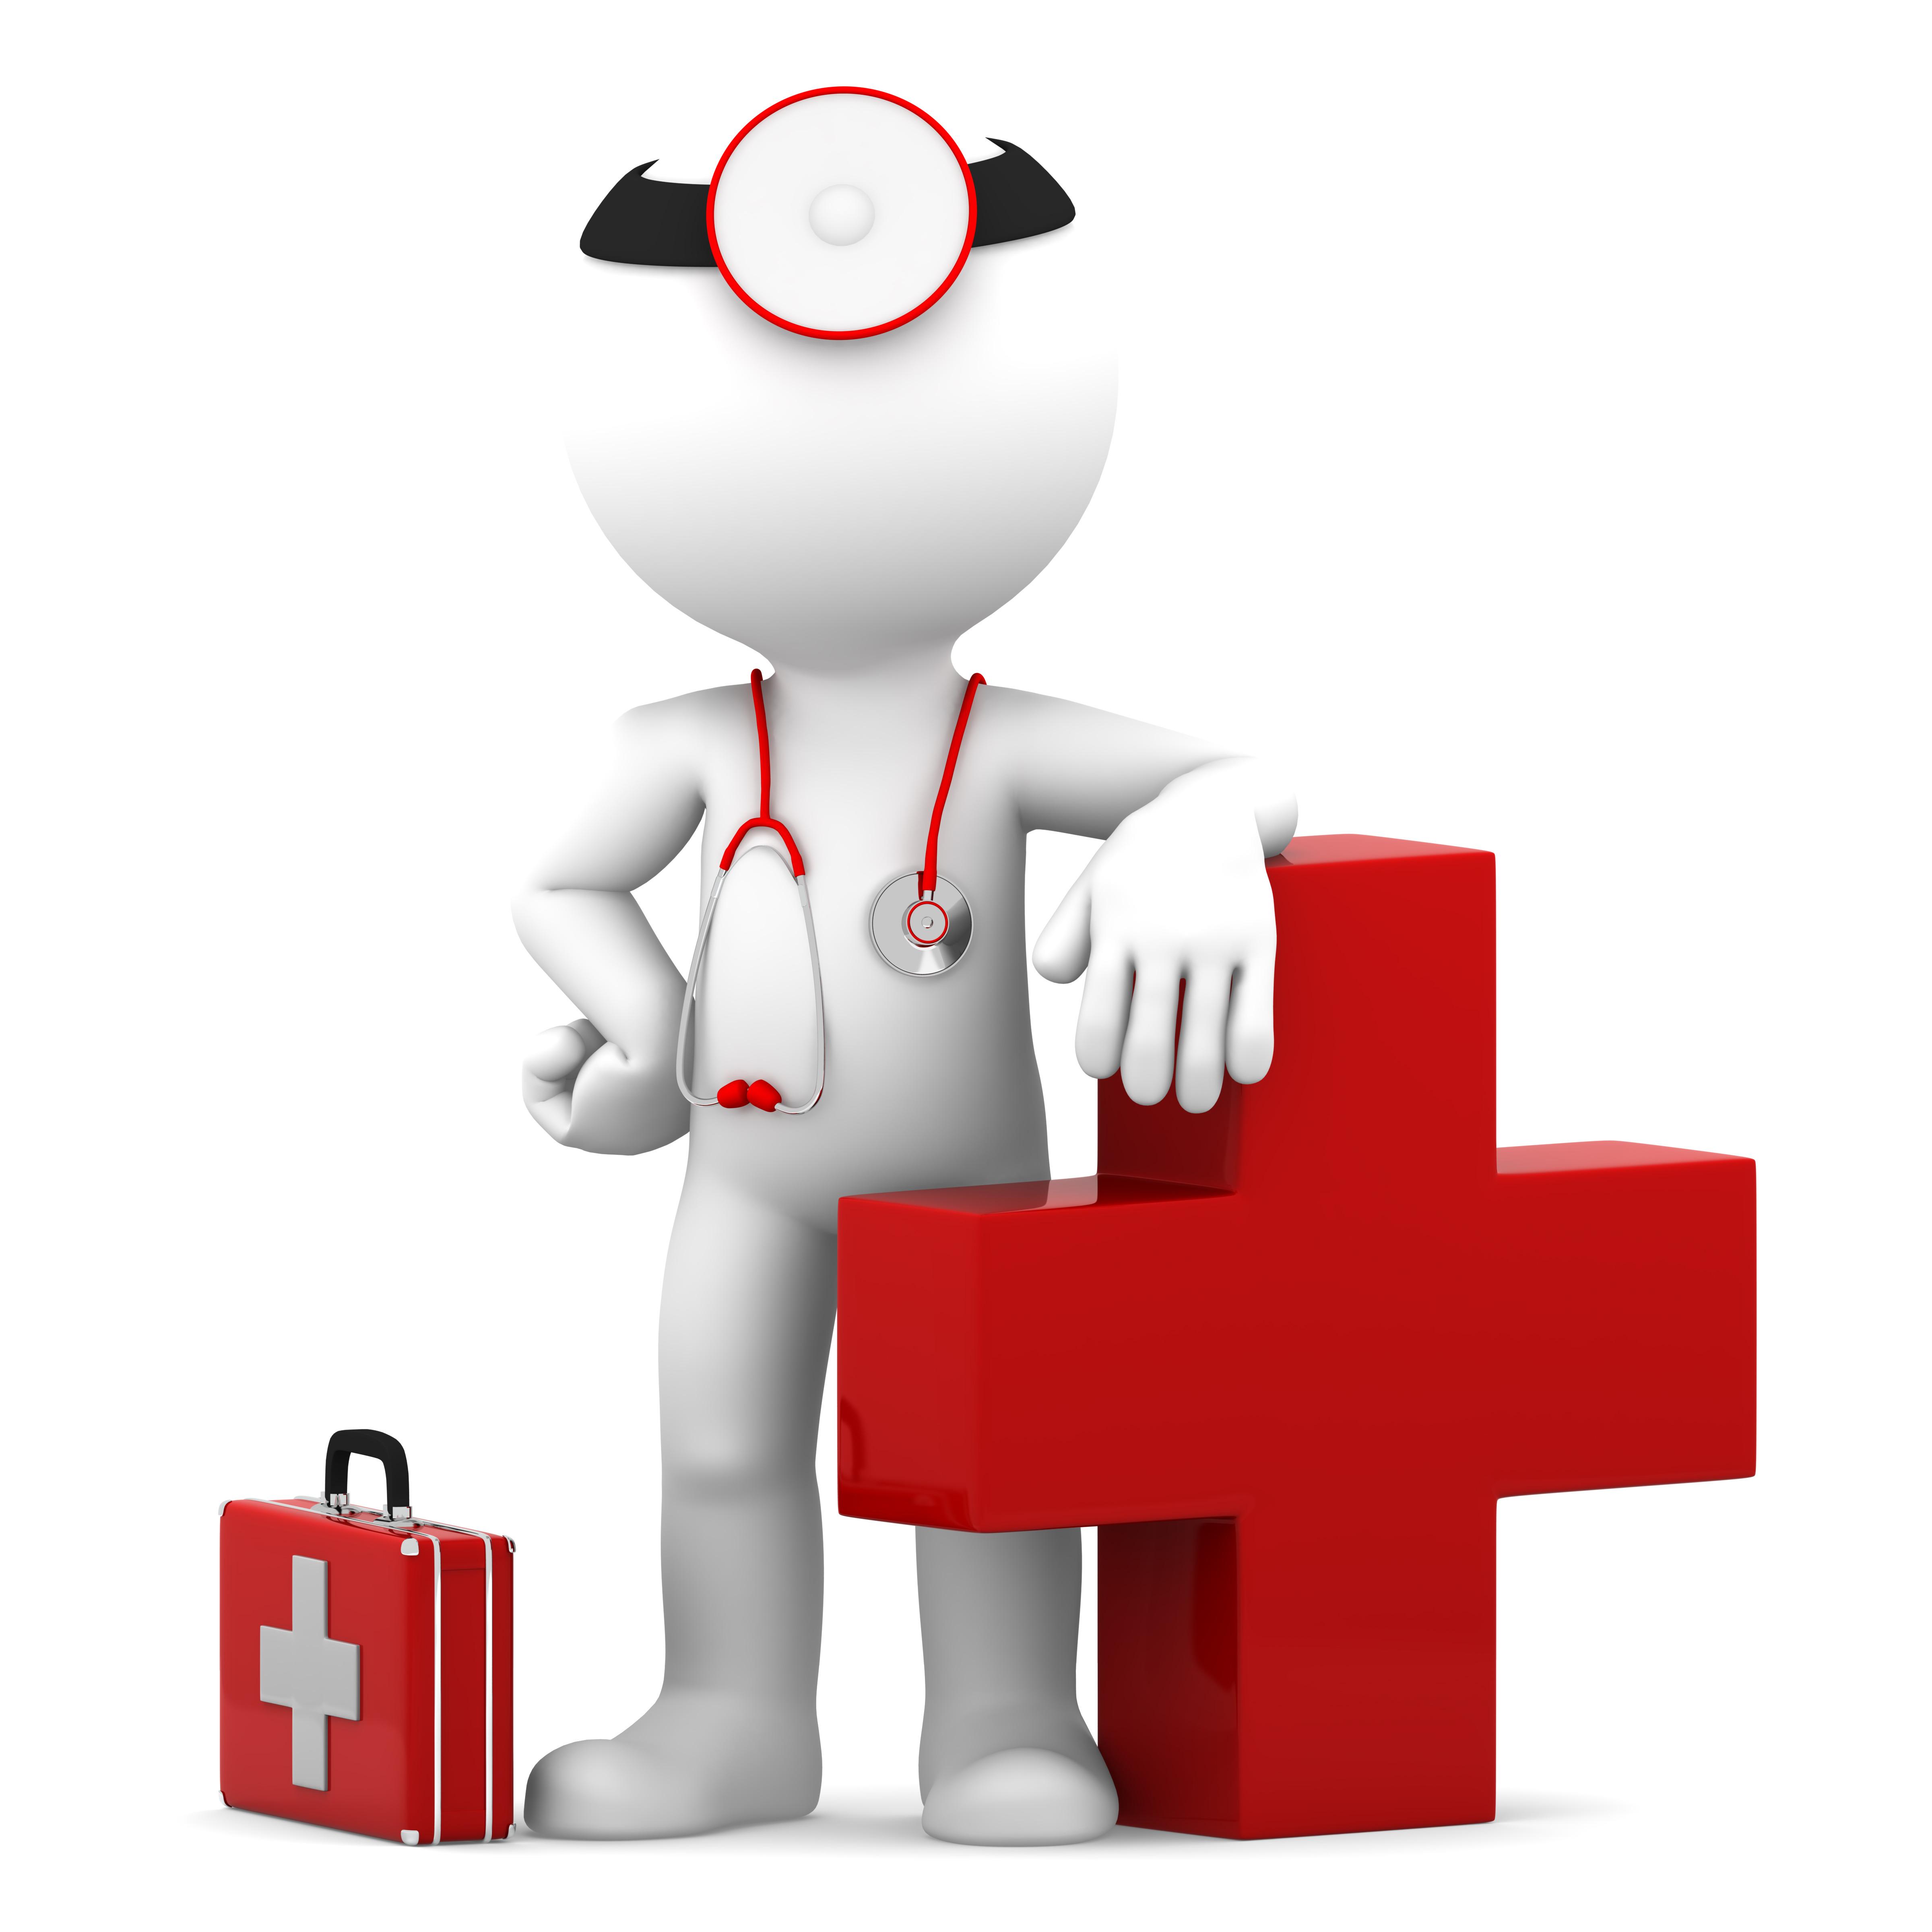 e6ff131e496cff55c56b_gskm-042114-04_medic-cross-233.jpg